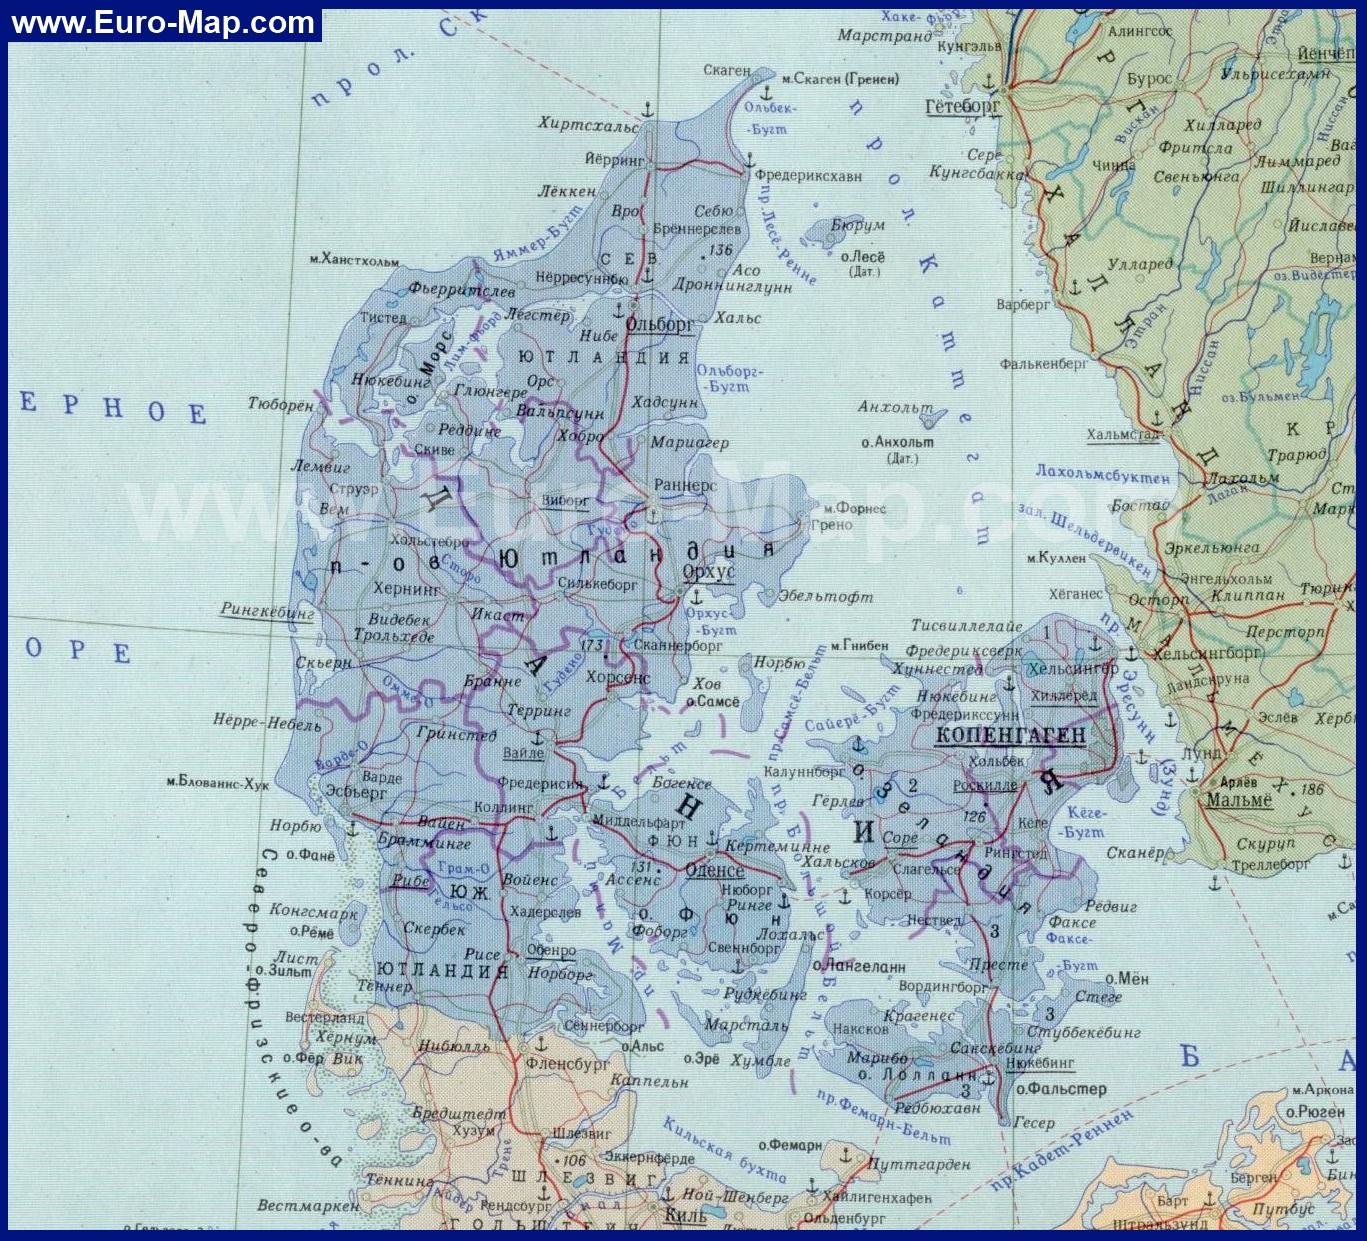 Карта дании на русском языке